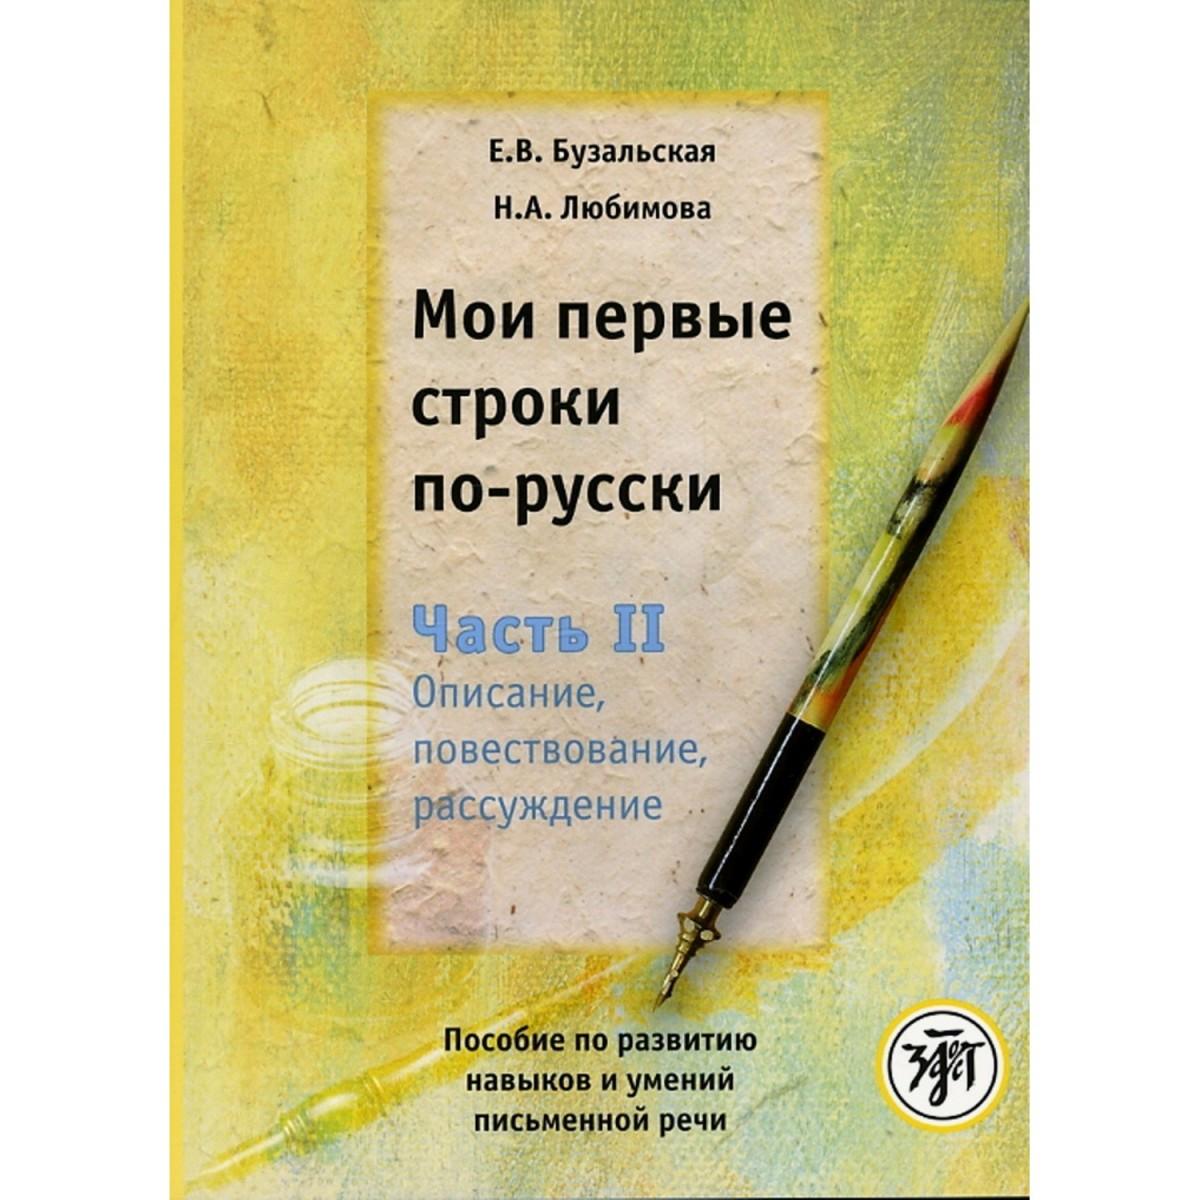 Мои первые строки по-русски. Часть 2. Е.В.Бузальская, Н.А.Любимова.